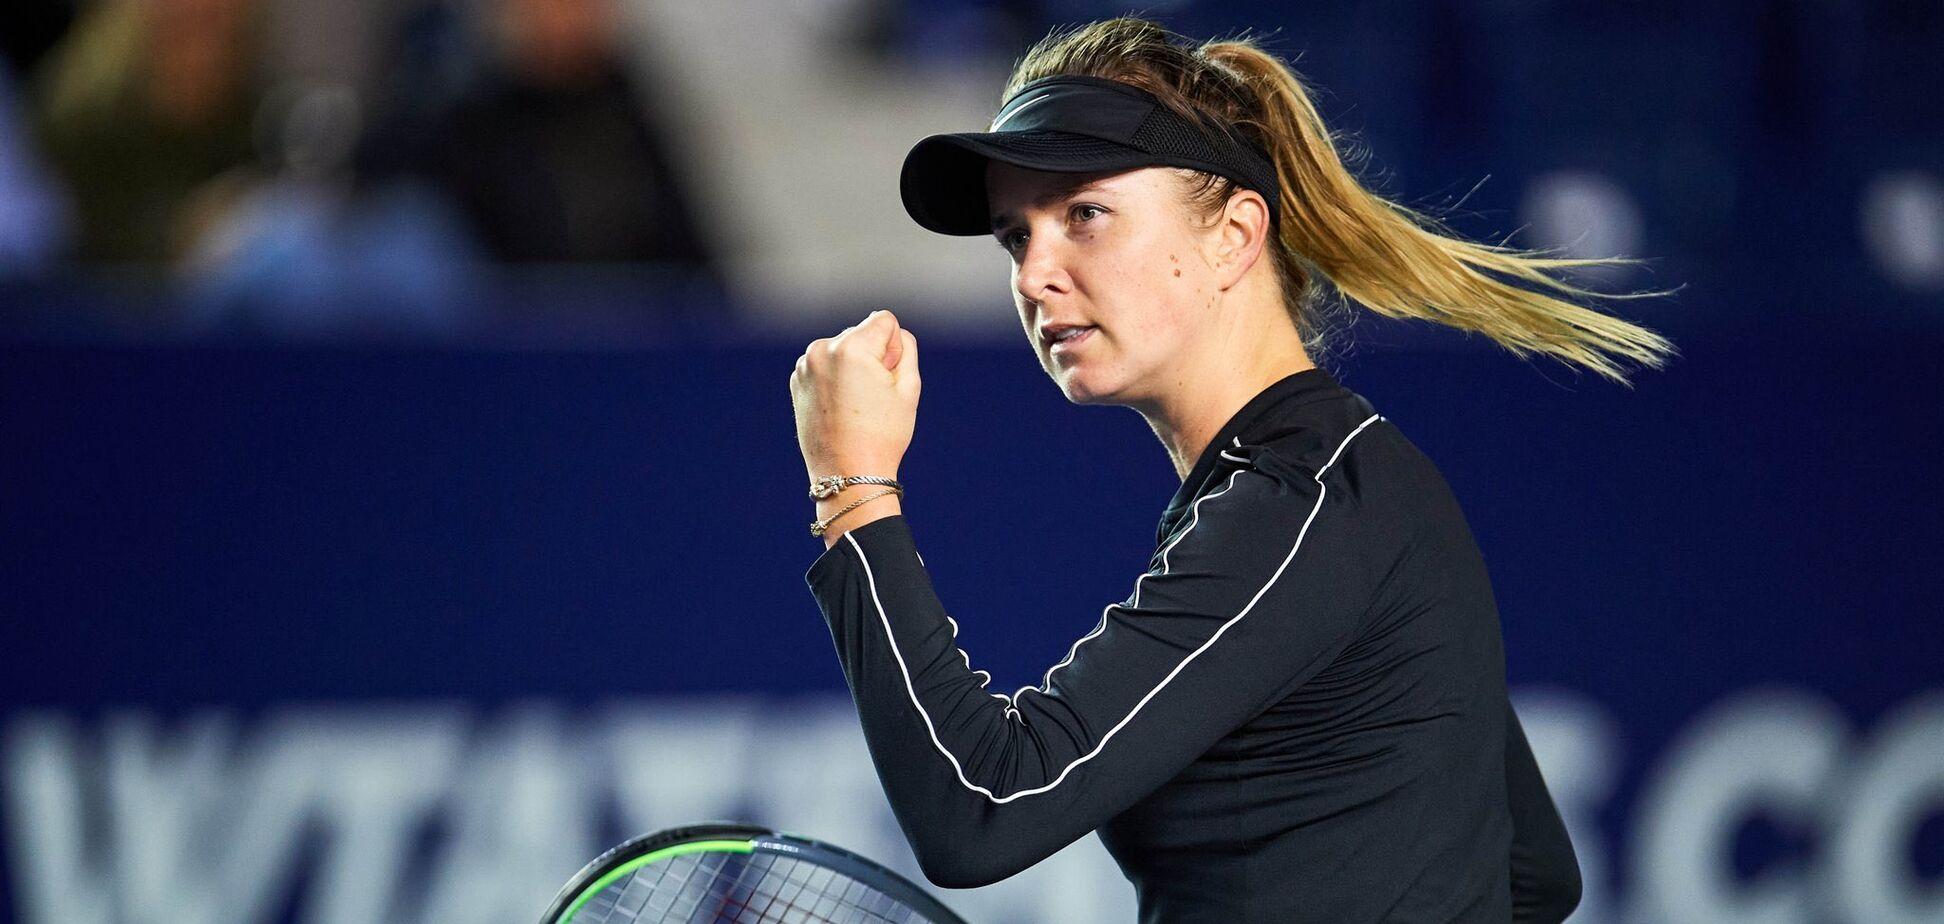 Свитолина с разгромом вышла в финал турнира в Монтеррее